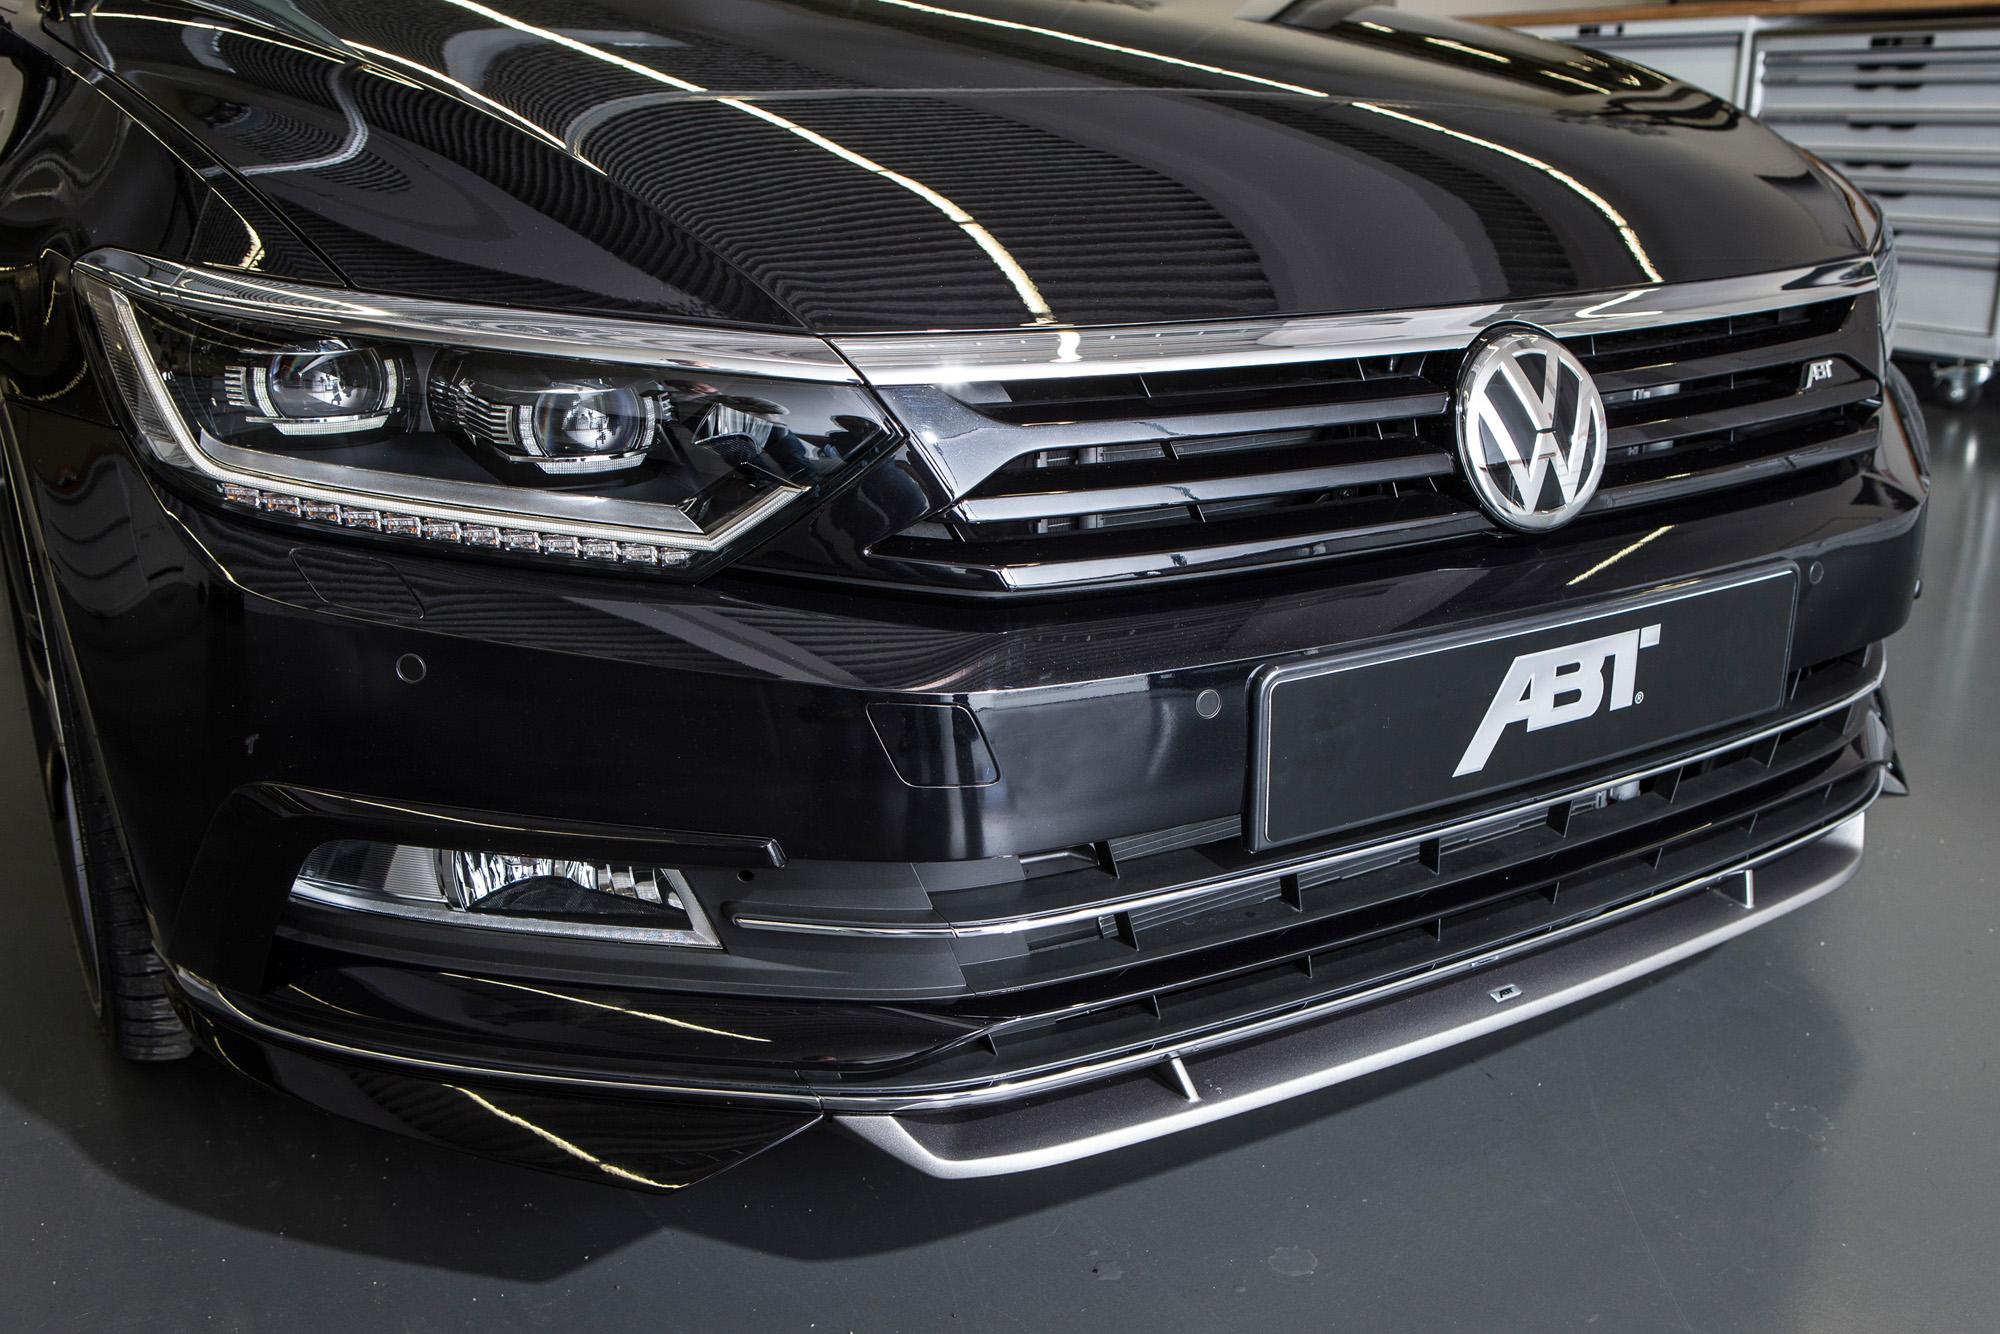 Neuer Frontansatz für den ABT Passat B8